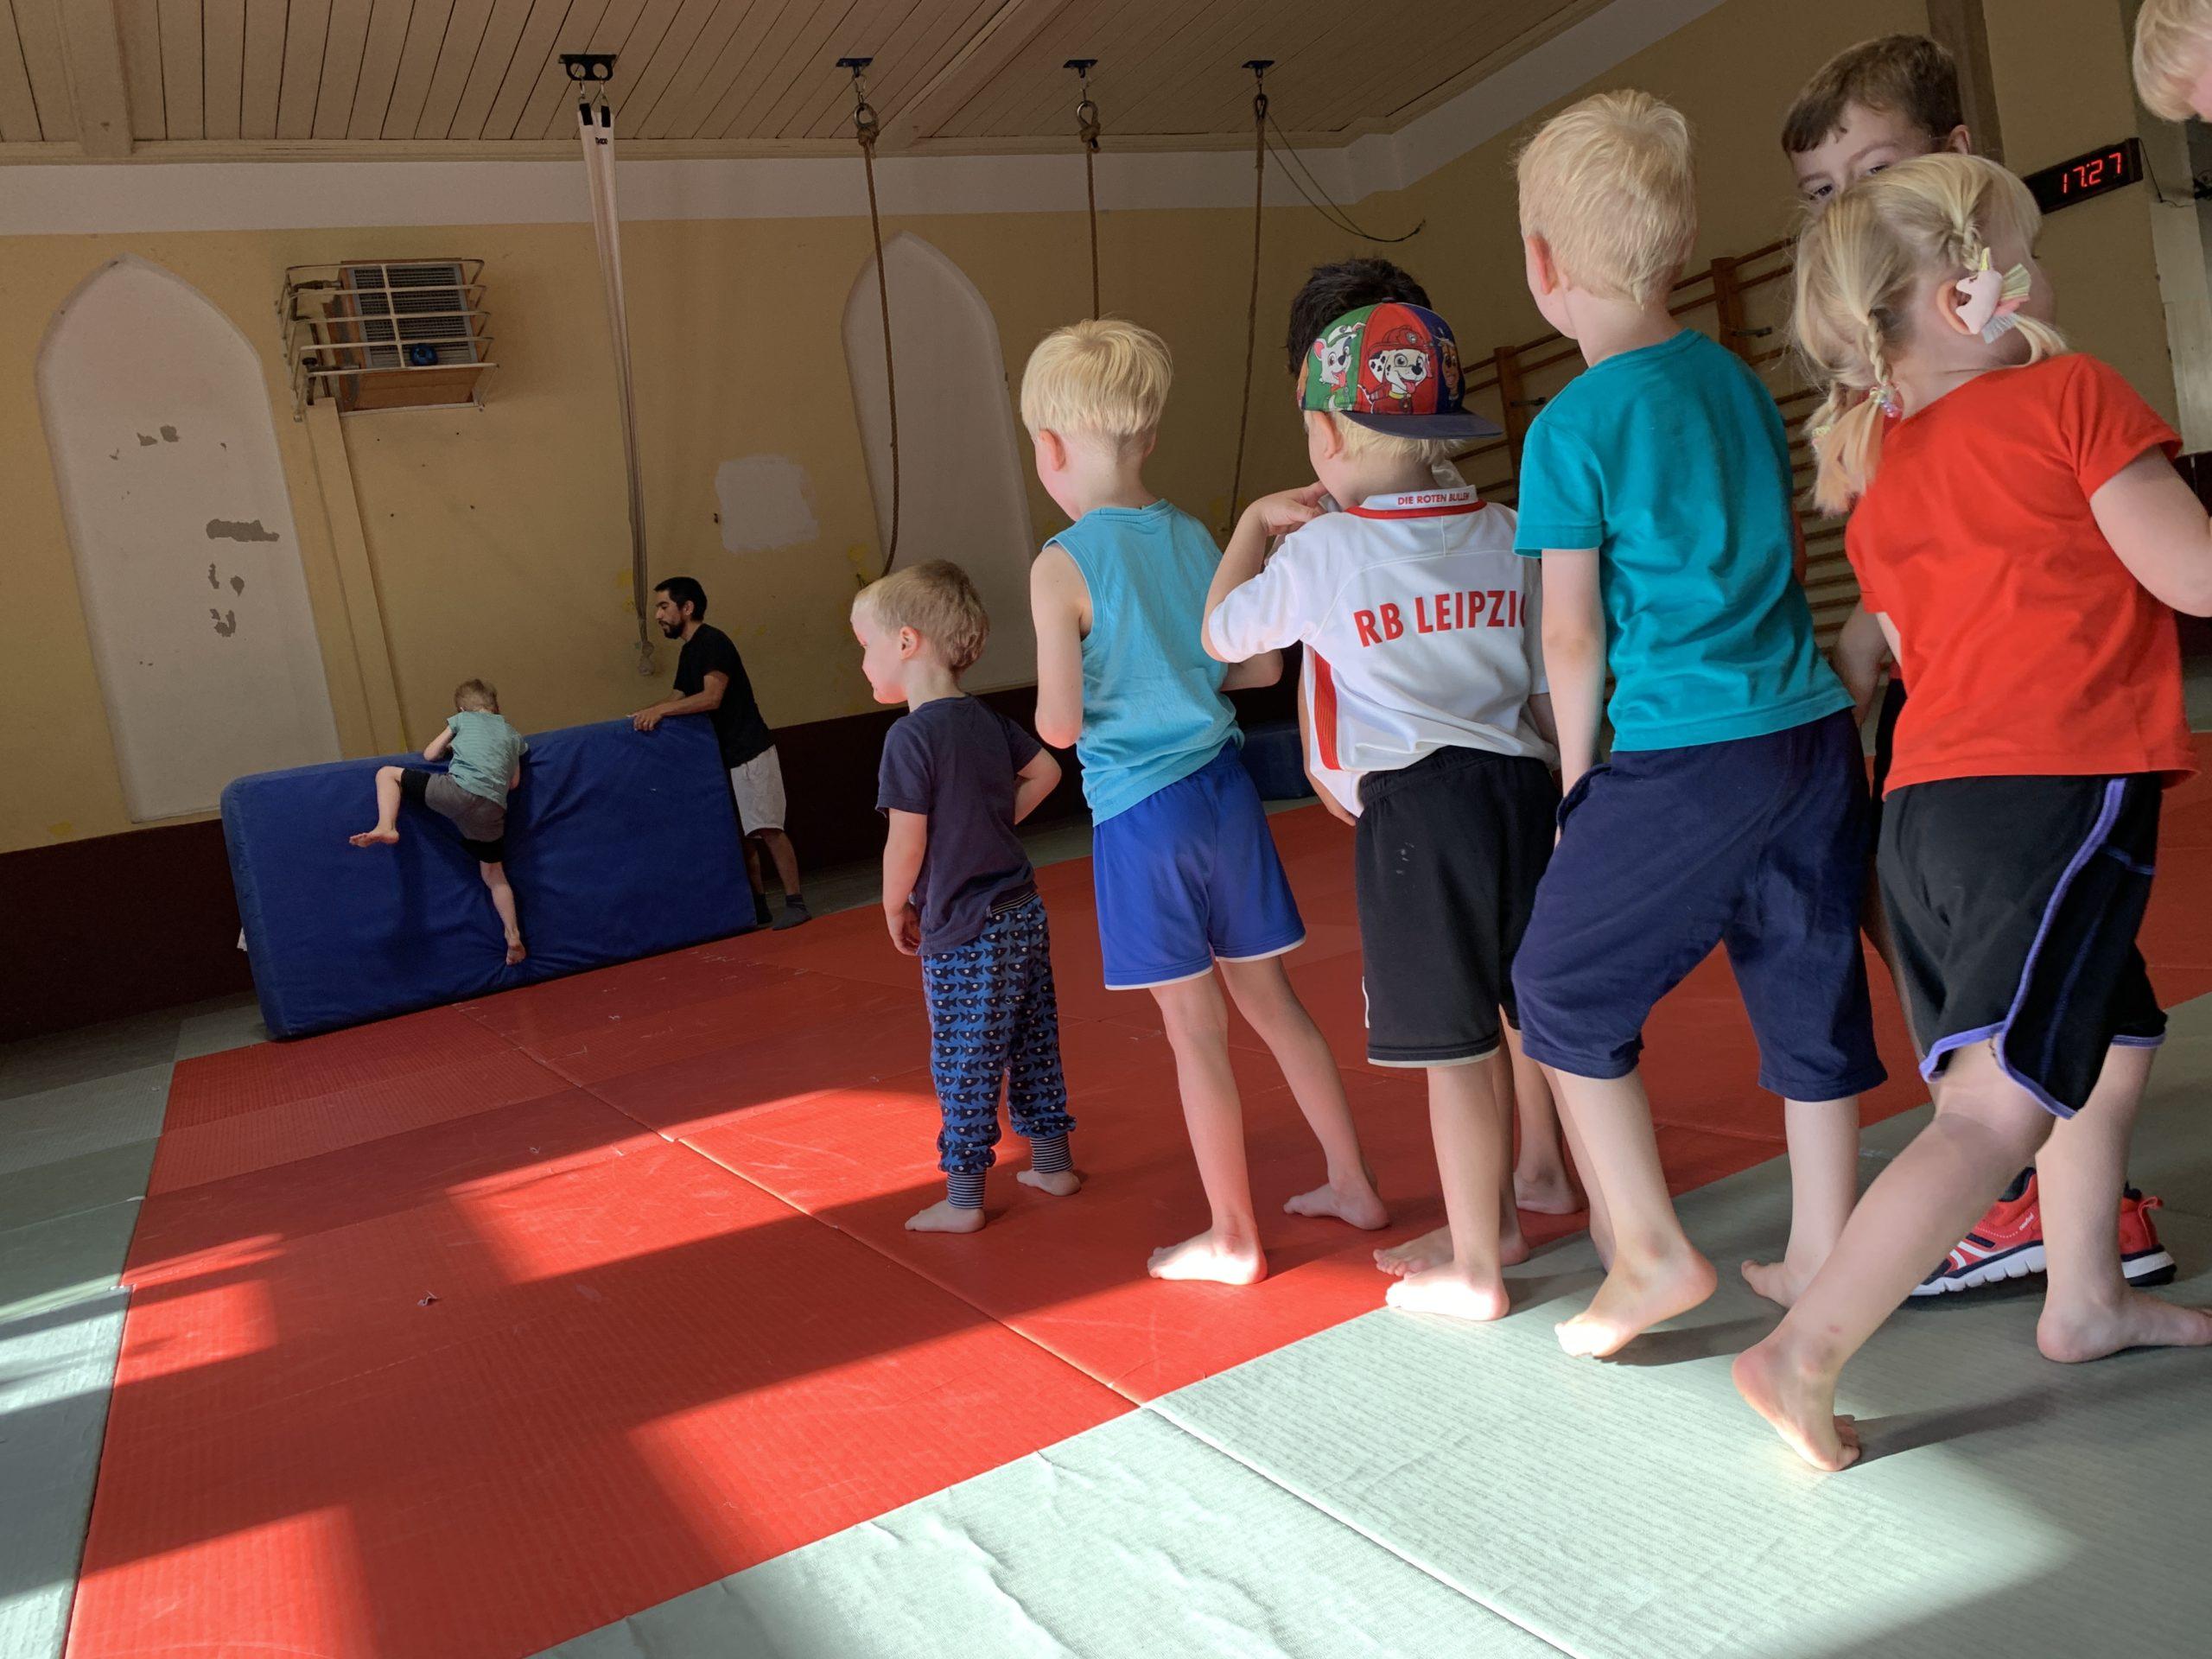 Erwin im Einsatz beim Kindersport